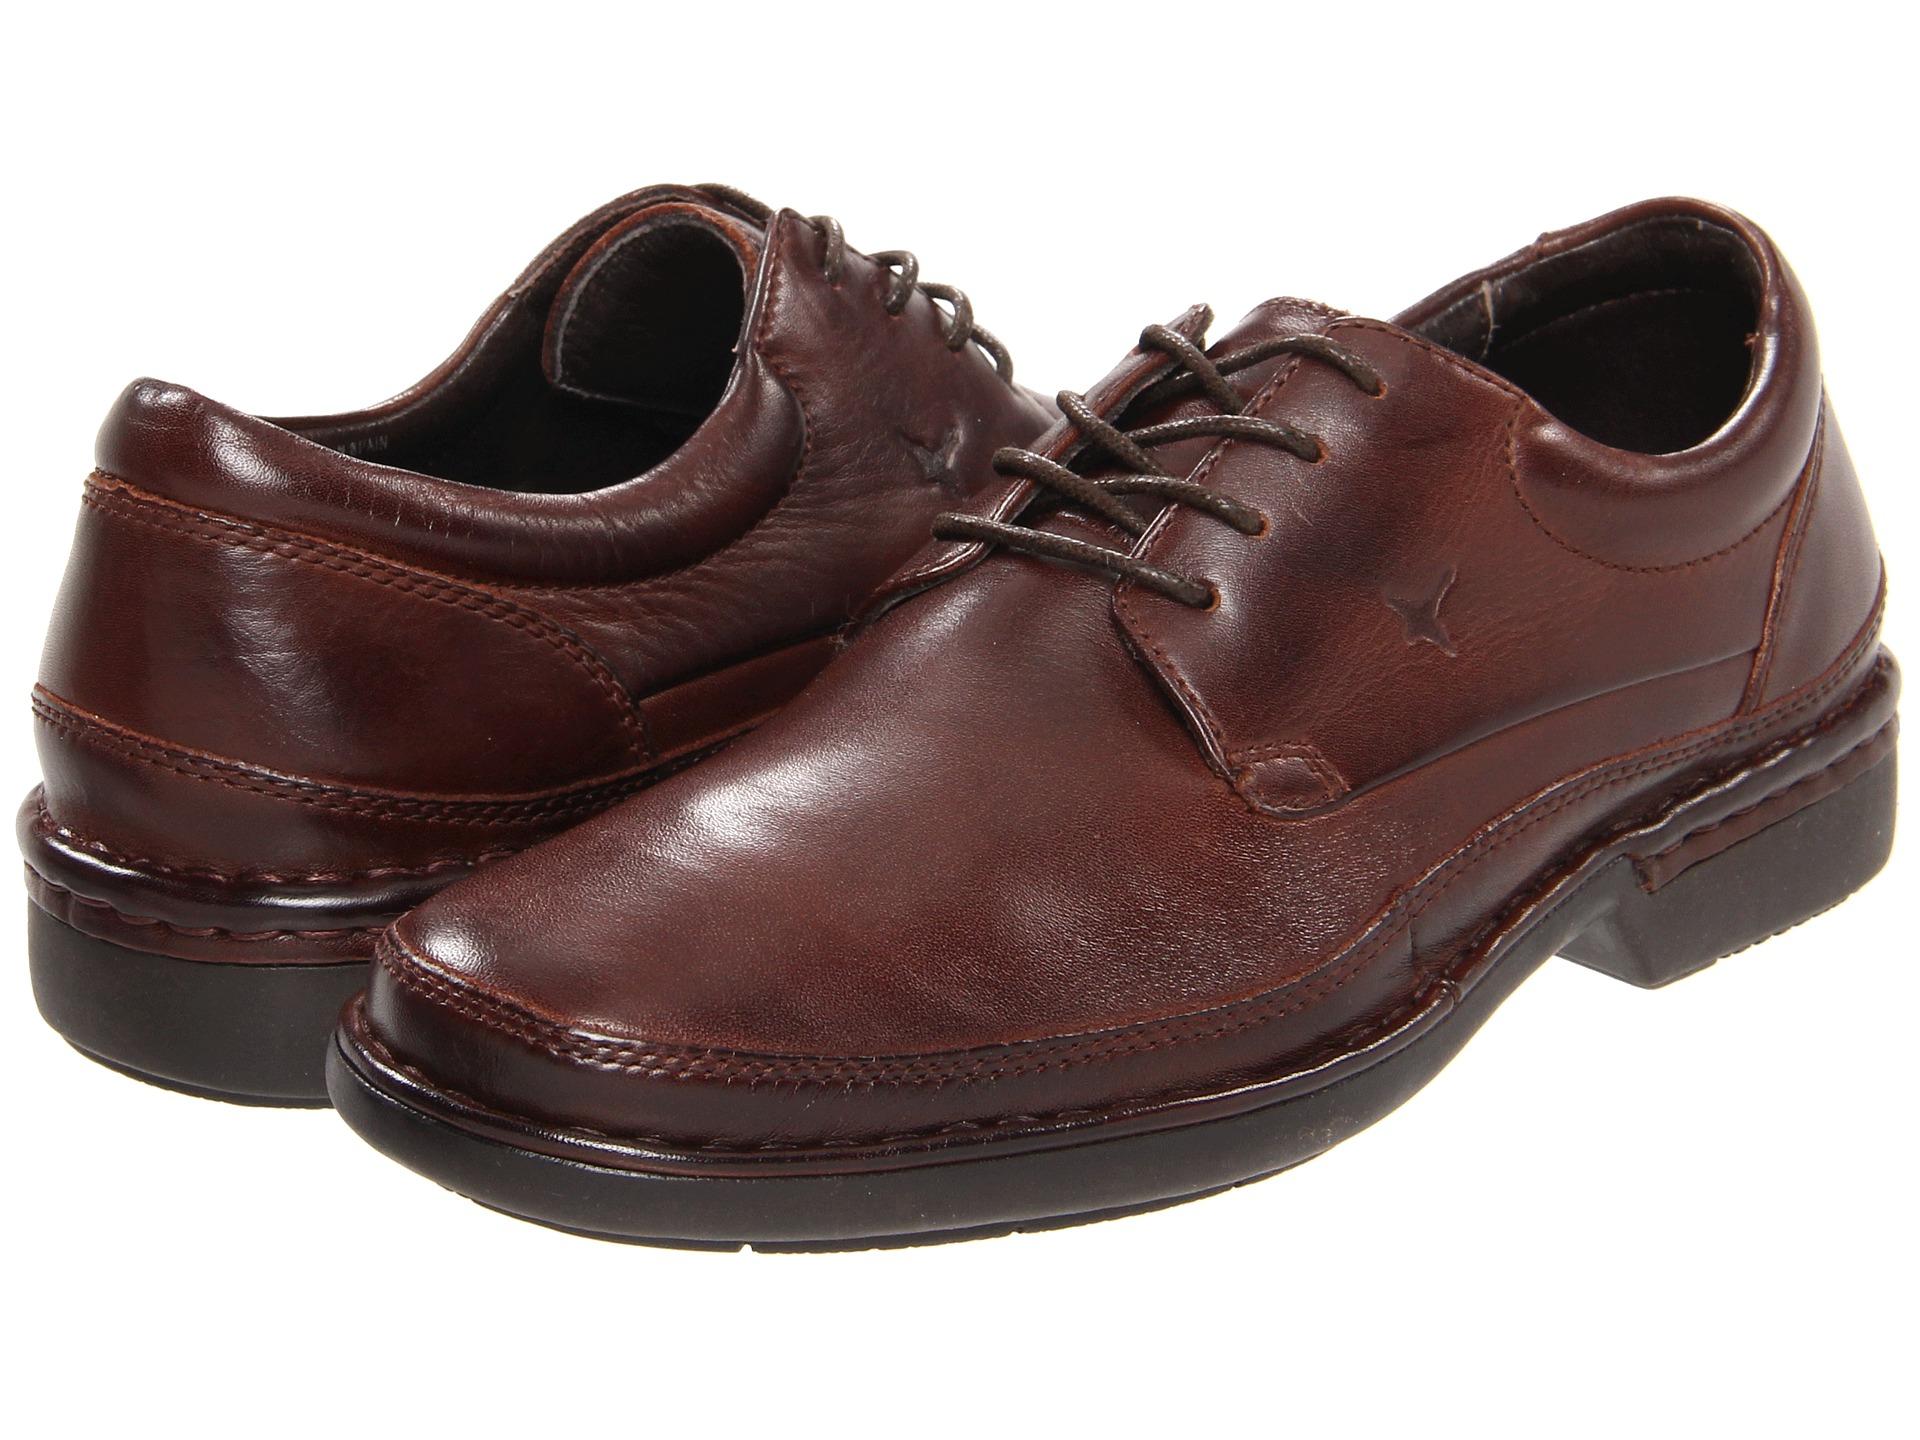 06a707436 Zapatos para hombre con cordones de Pikolinos modelo oviedo 5013 fabricado  en piel de color negro.Descubre nuestra selección de Mocasines Pikolinos  Oviedo ...